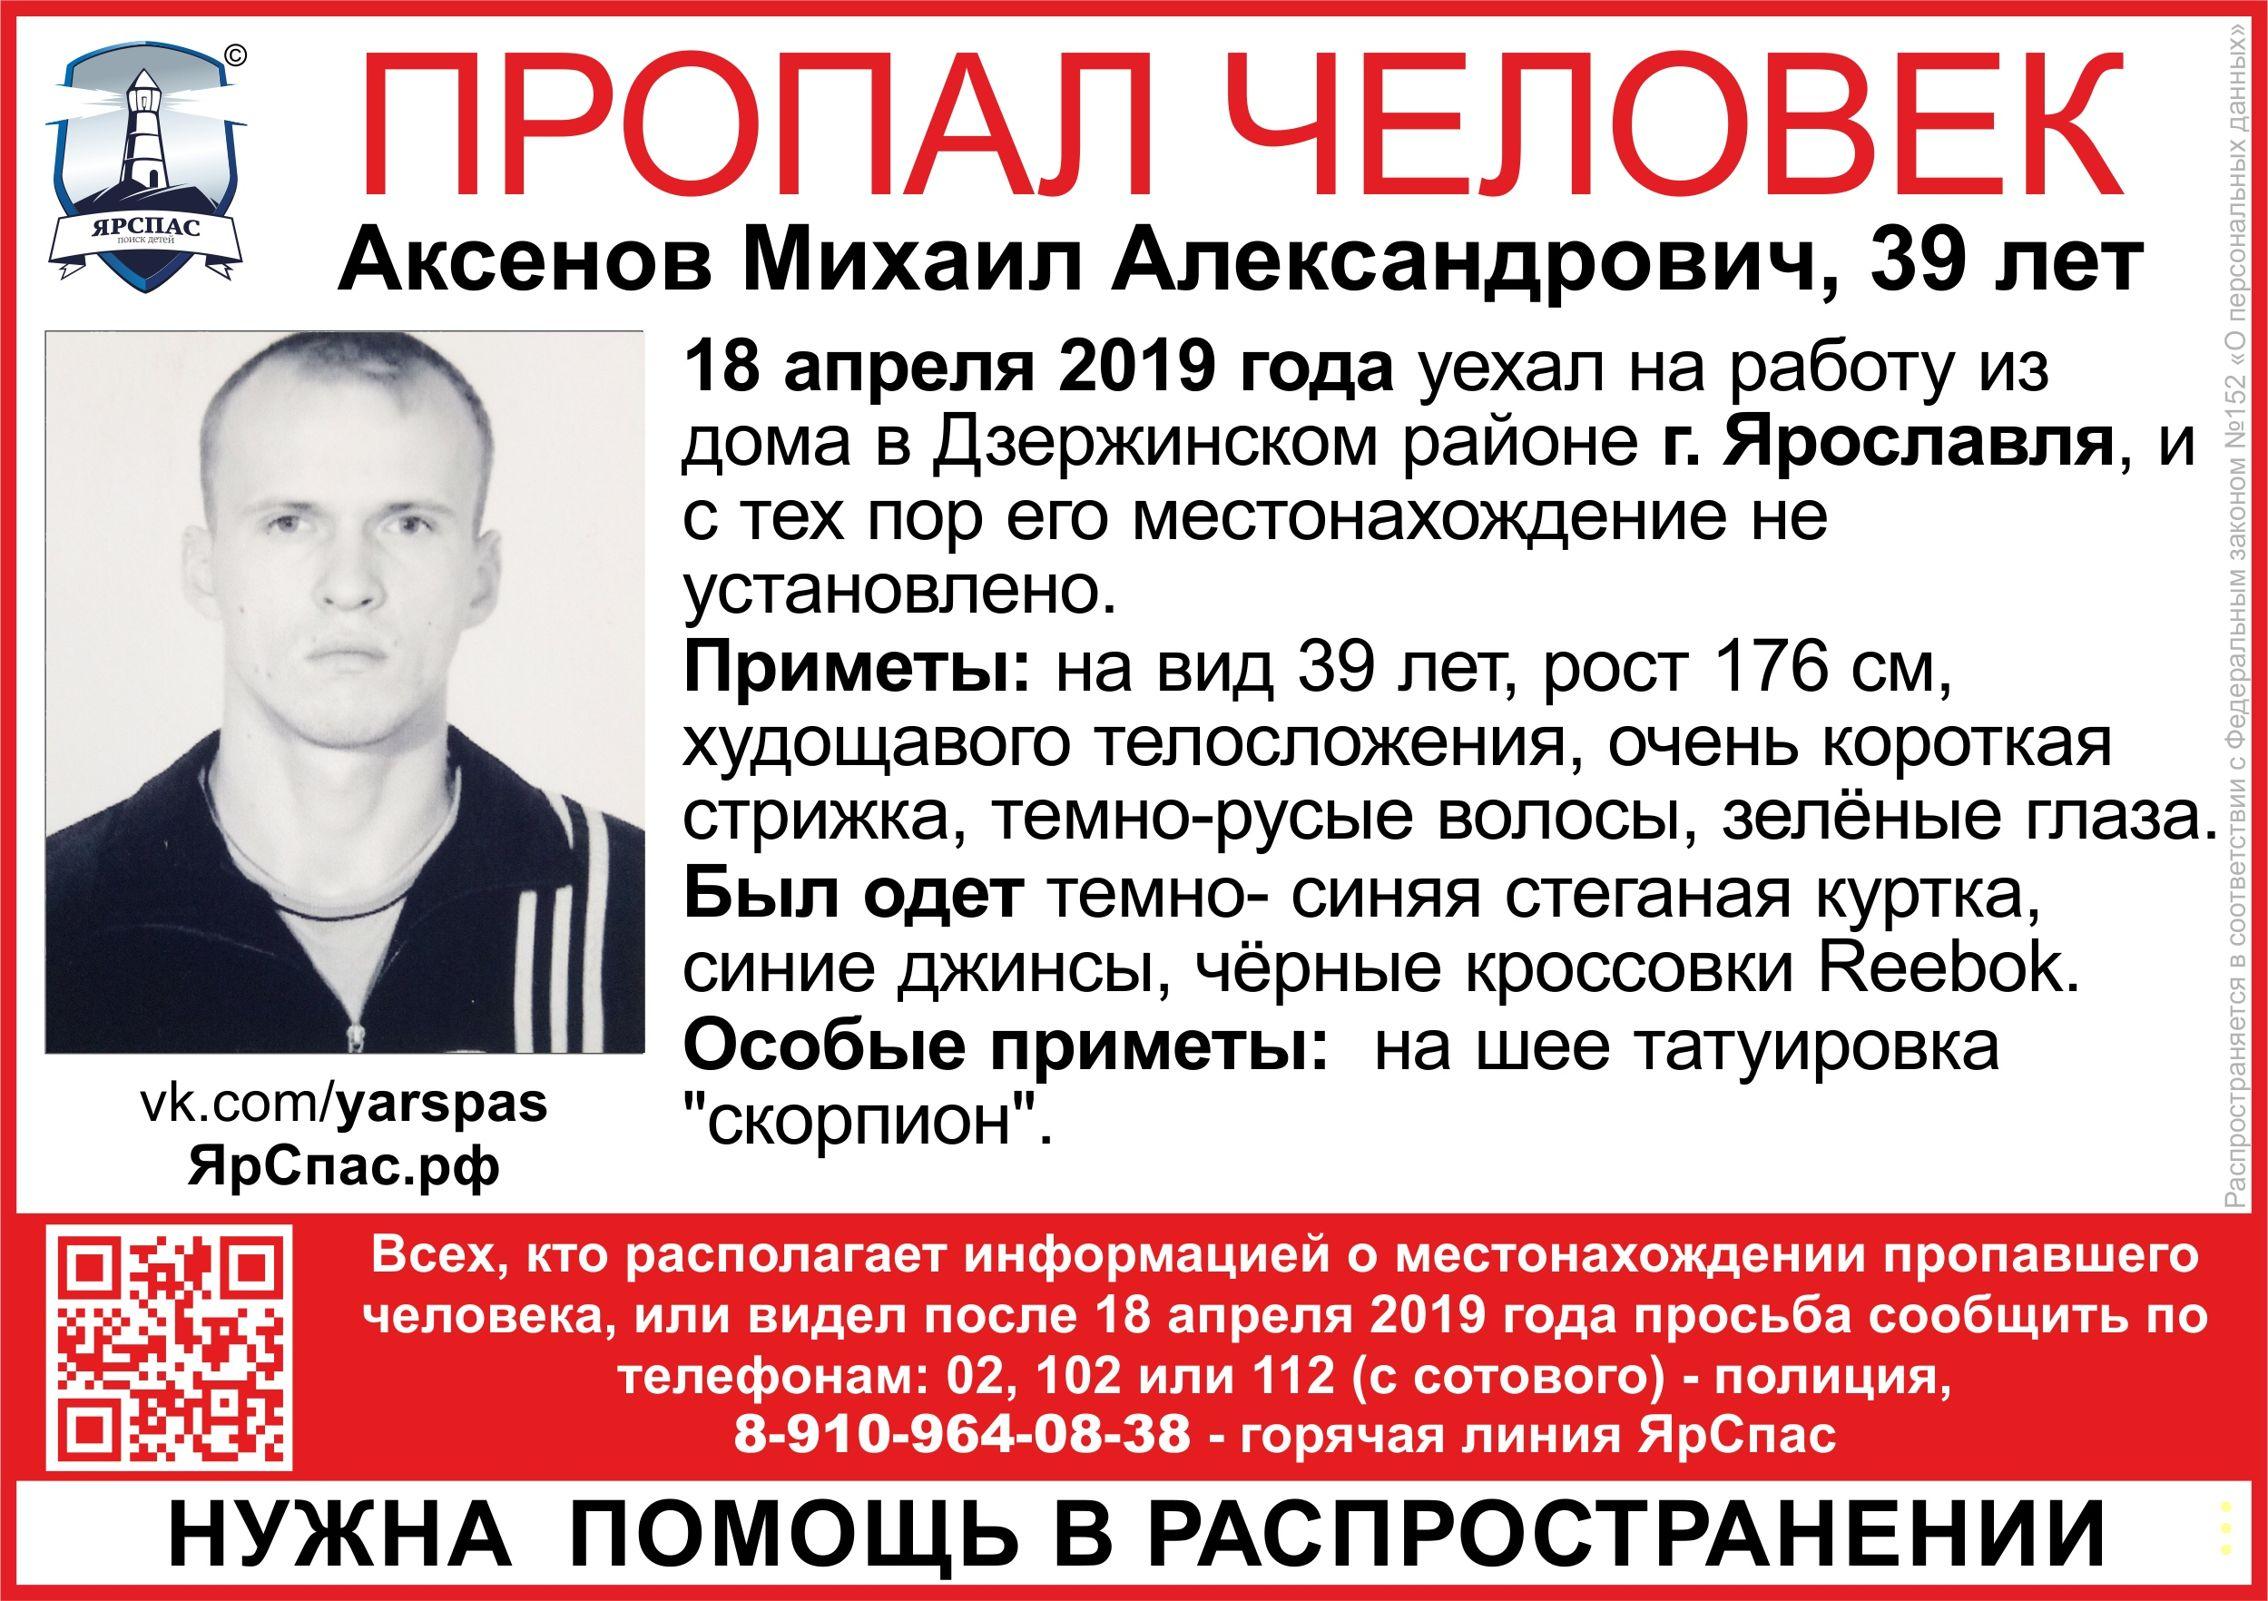 В Ярославле пропал 39-летний мужчина с татуировкой на шее